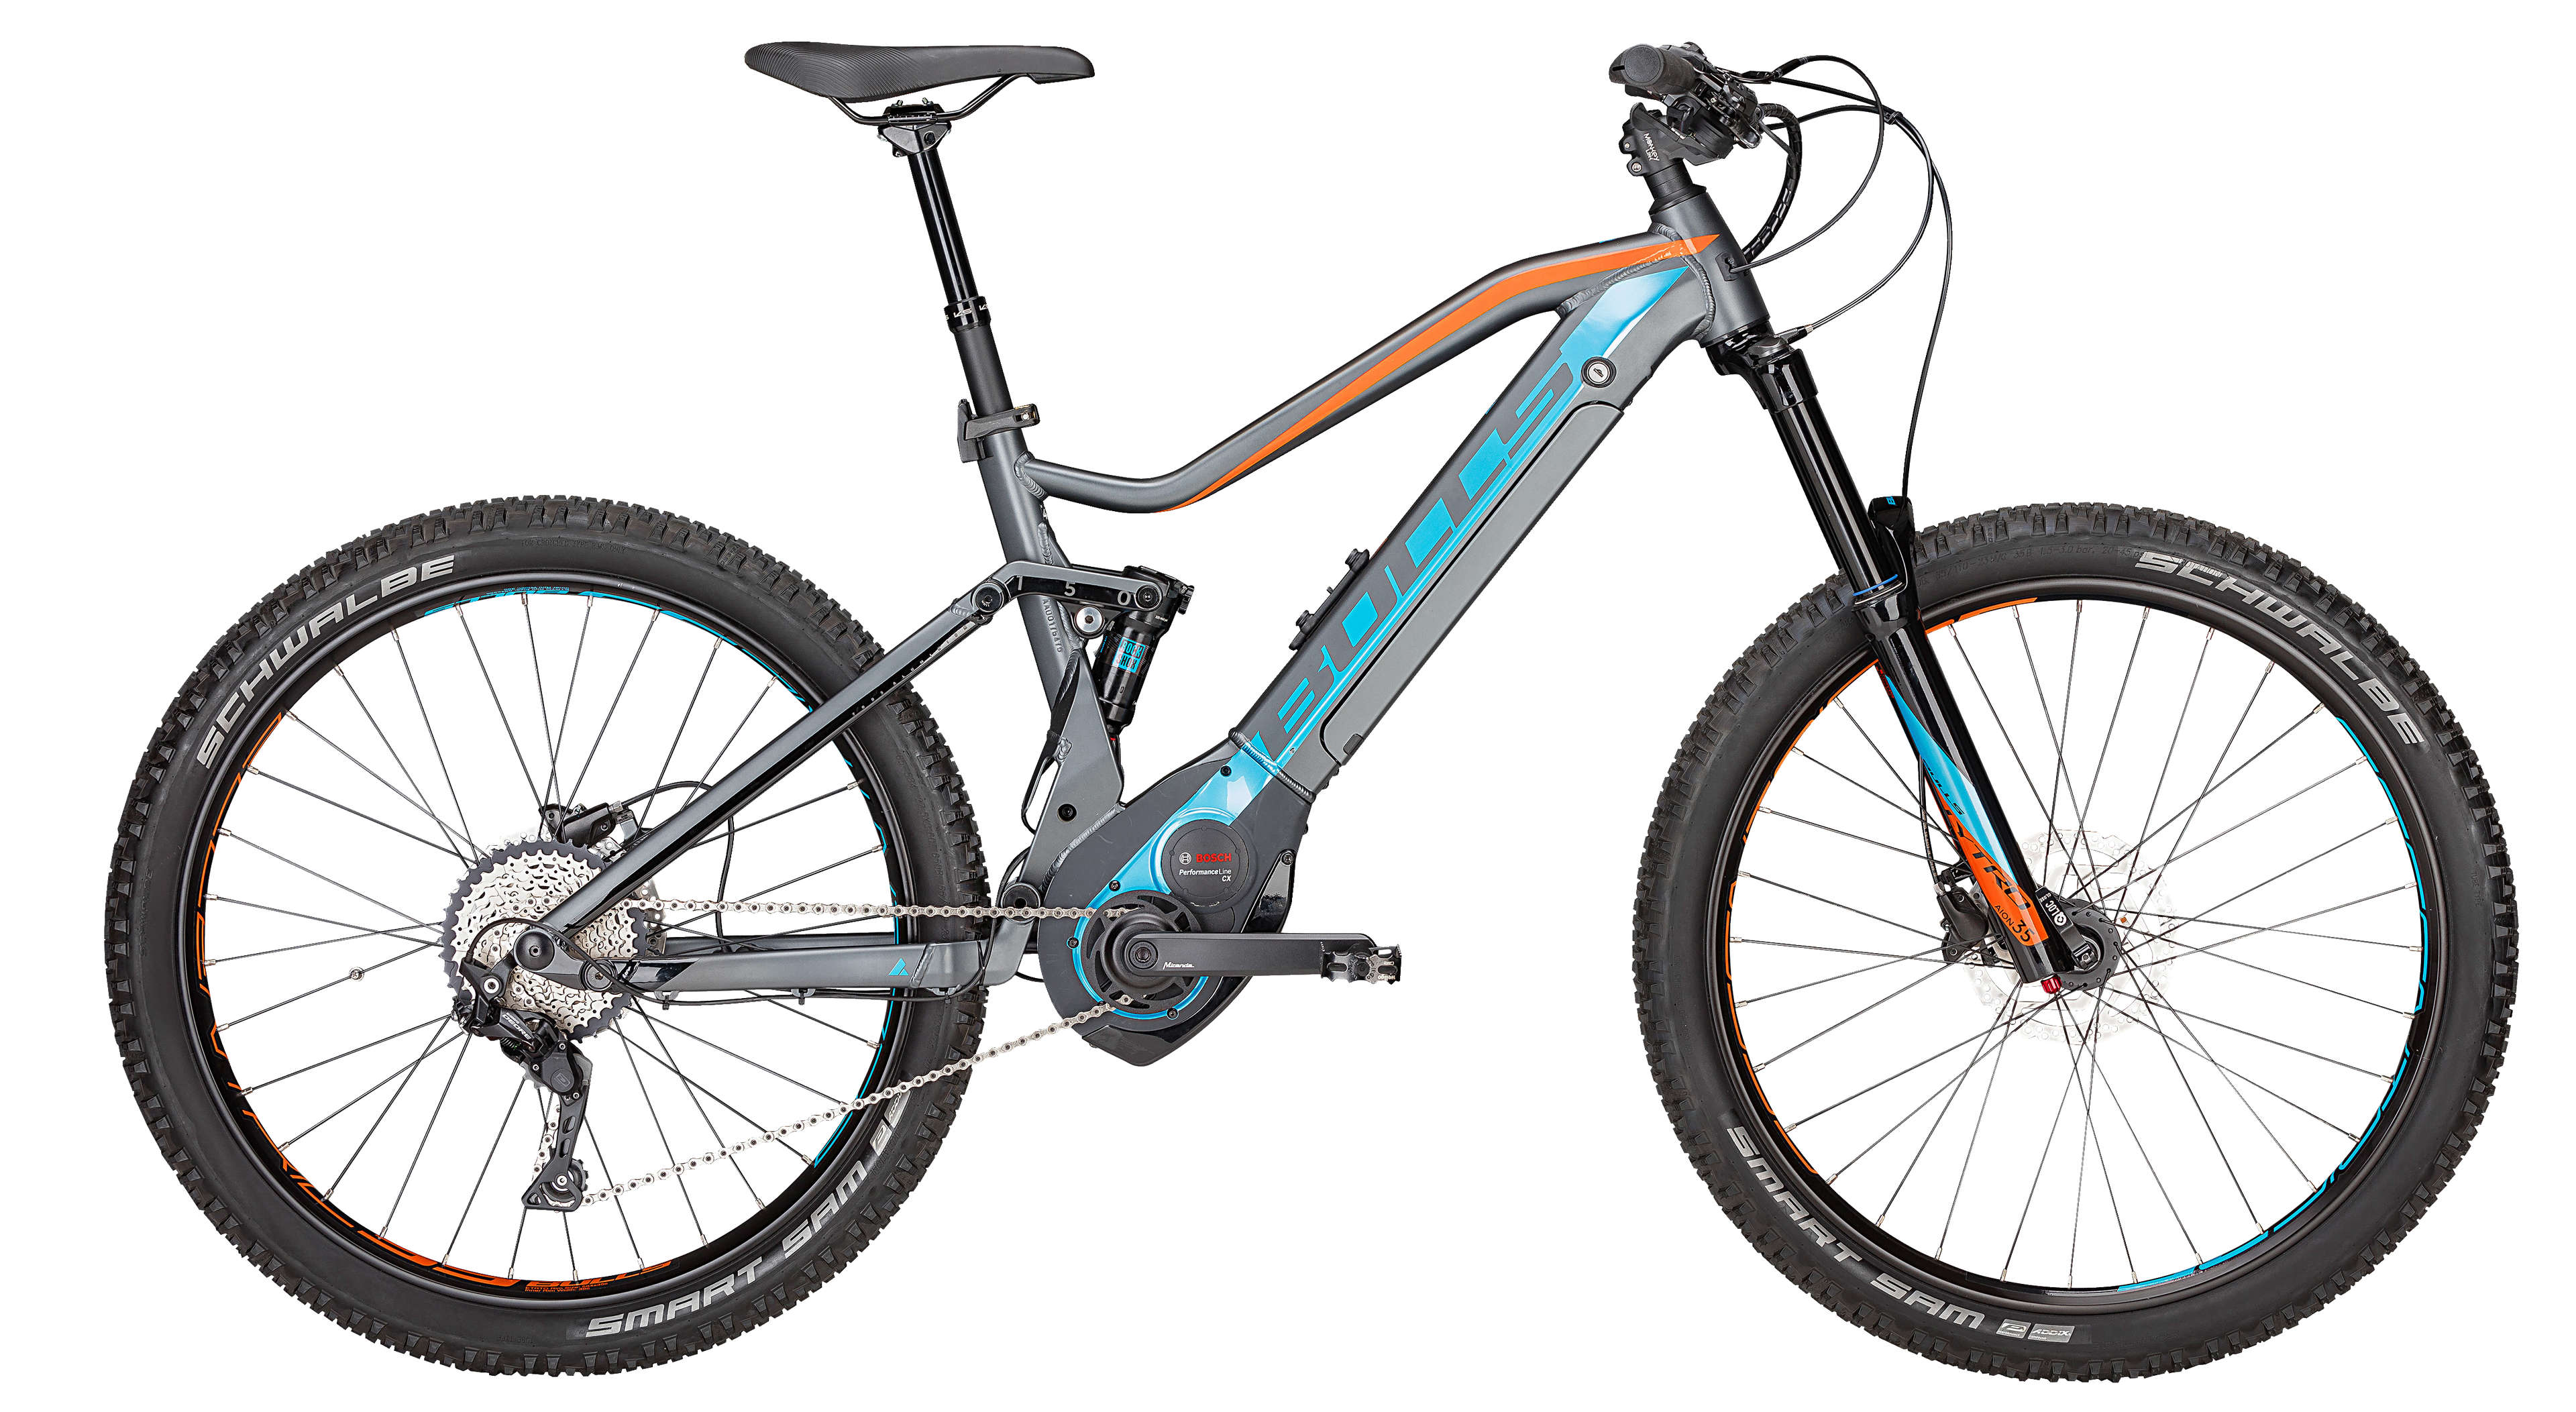 BULLS E-Bike Six50 Evo AM 1